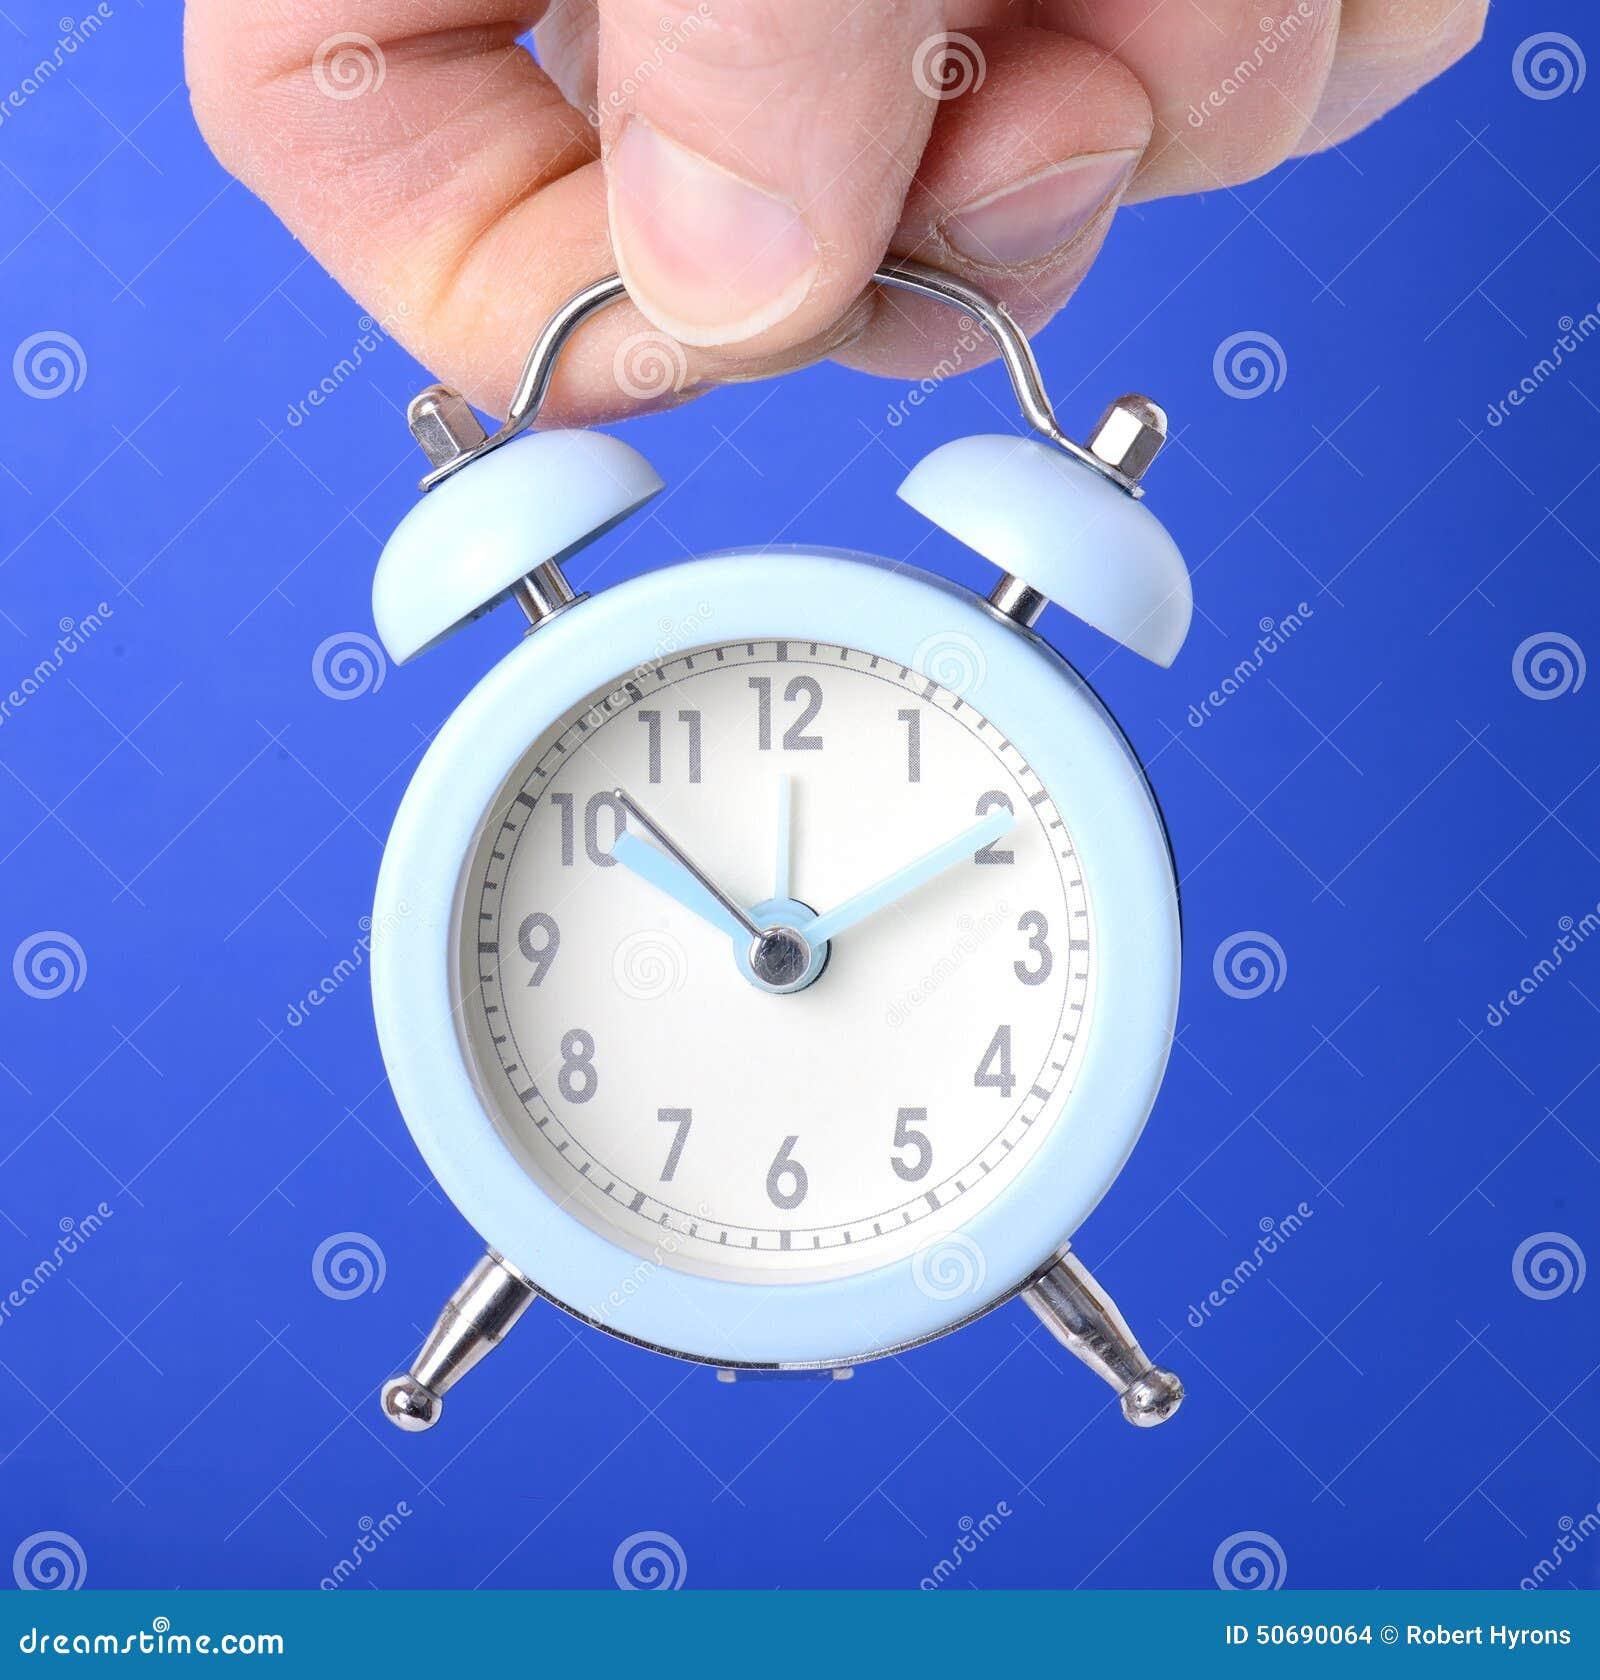 Download 在蓝色背景的时钟 库存照片. 图片 包括有 女性, 概念, 衣领, 专门技术, 宏指令, 商业, 评估人 - 50690064